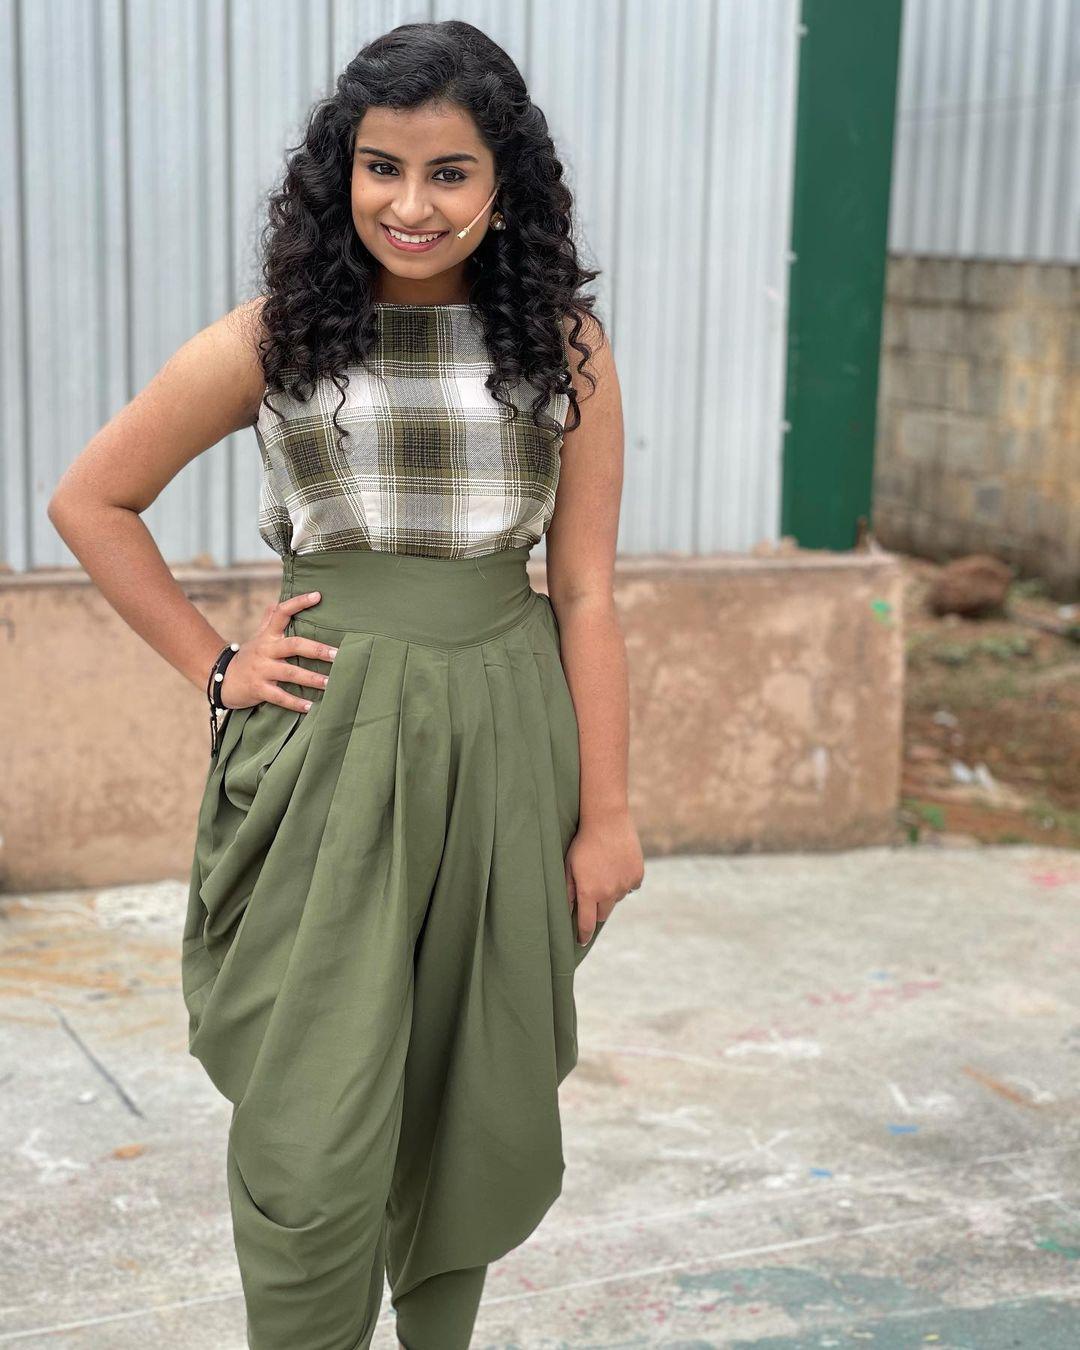 சிவாங்கி (Image : Instagram @sivaangi.krish)